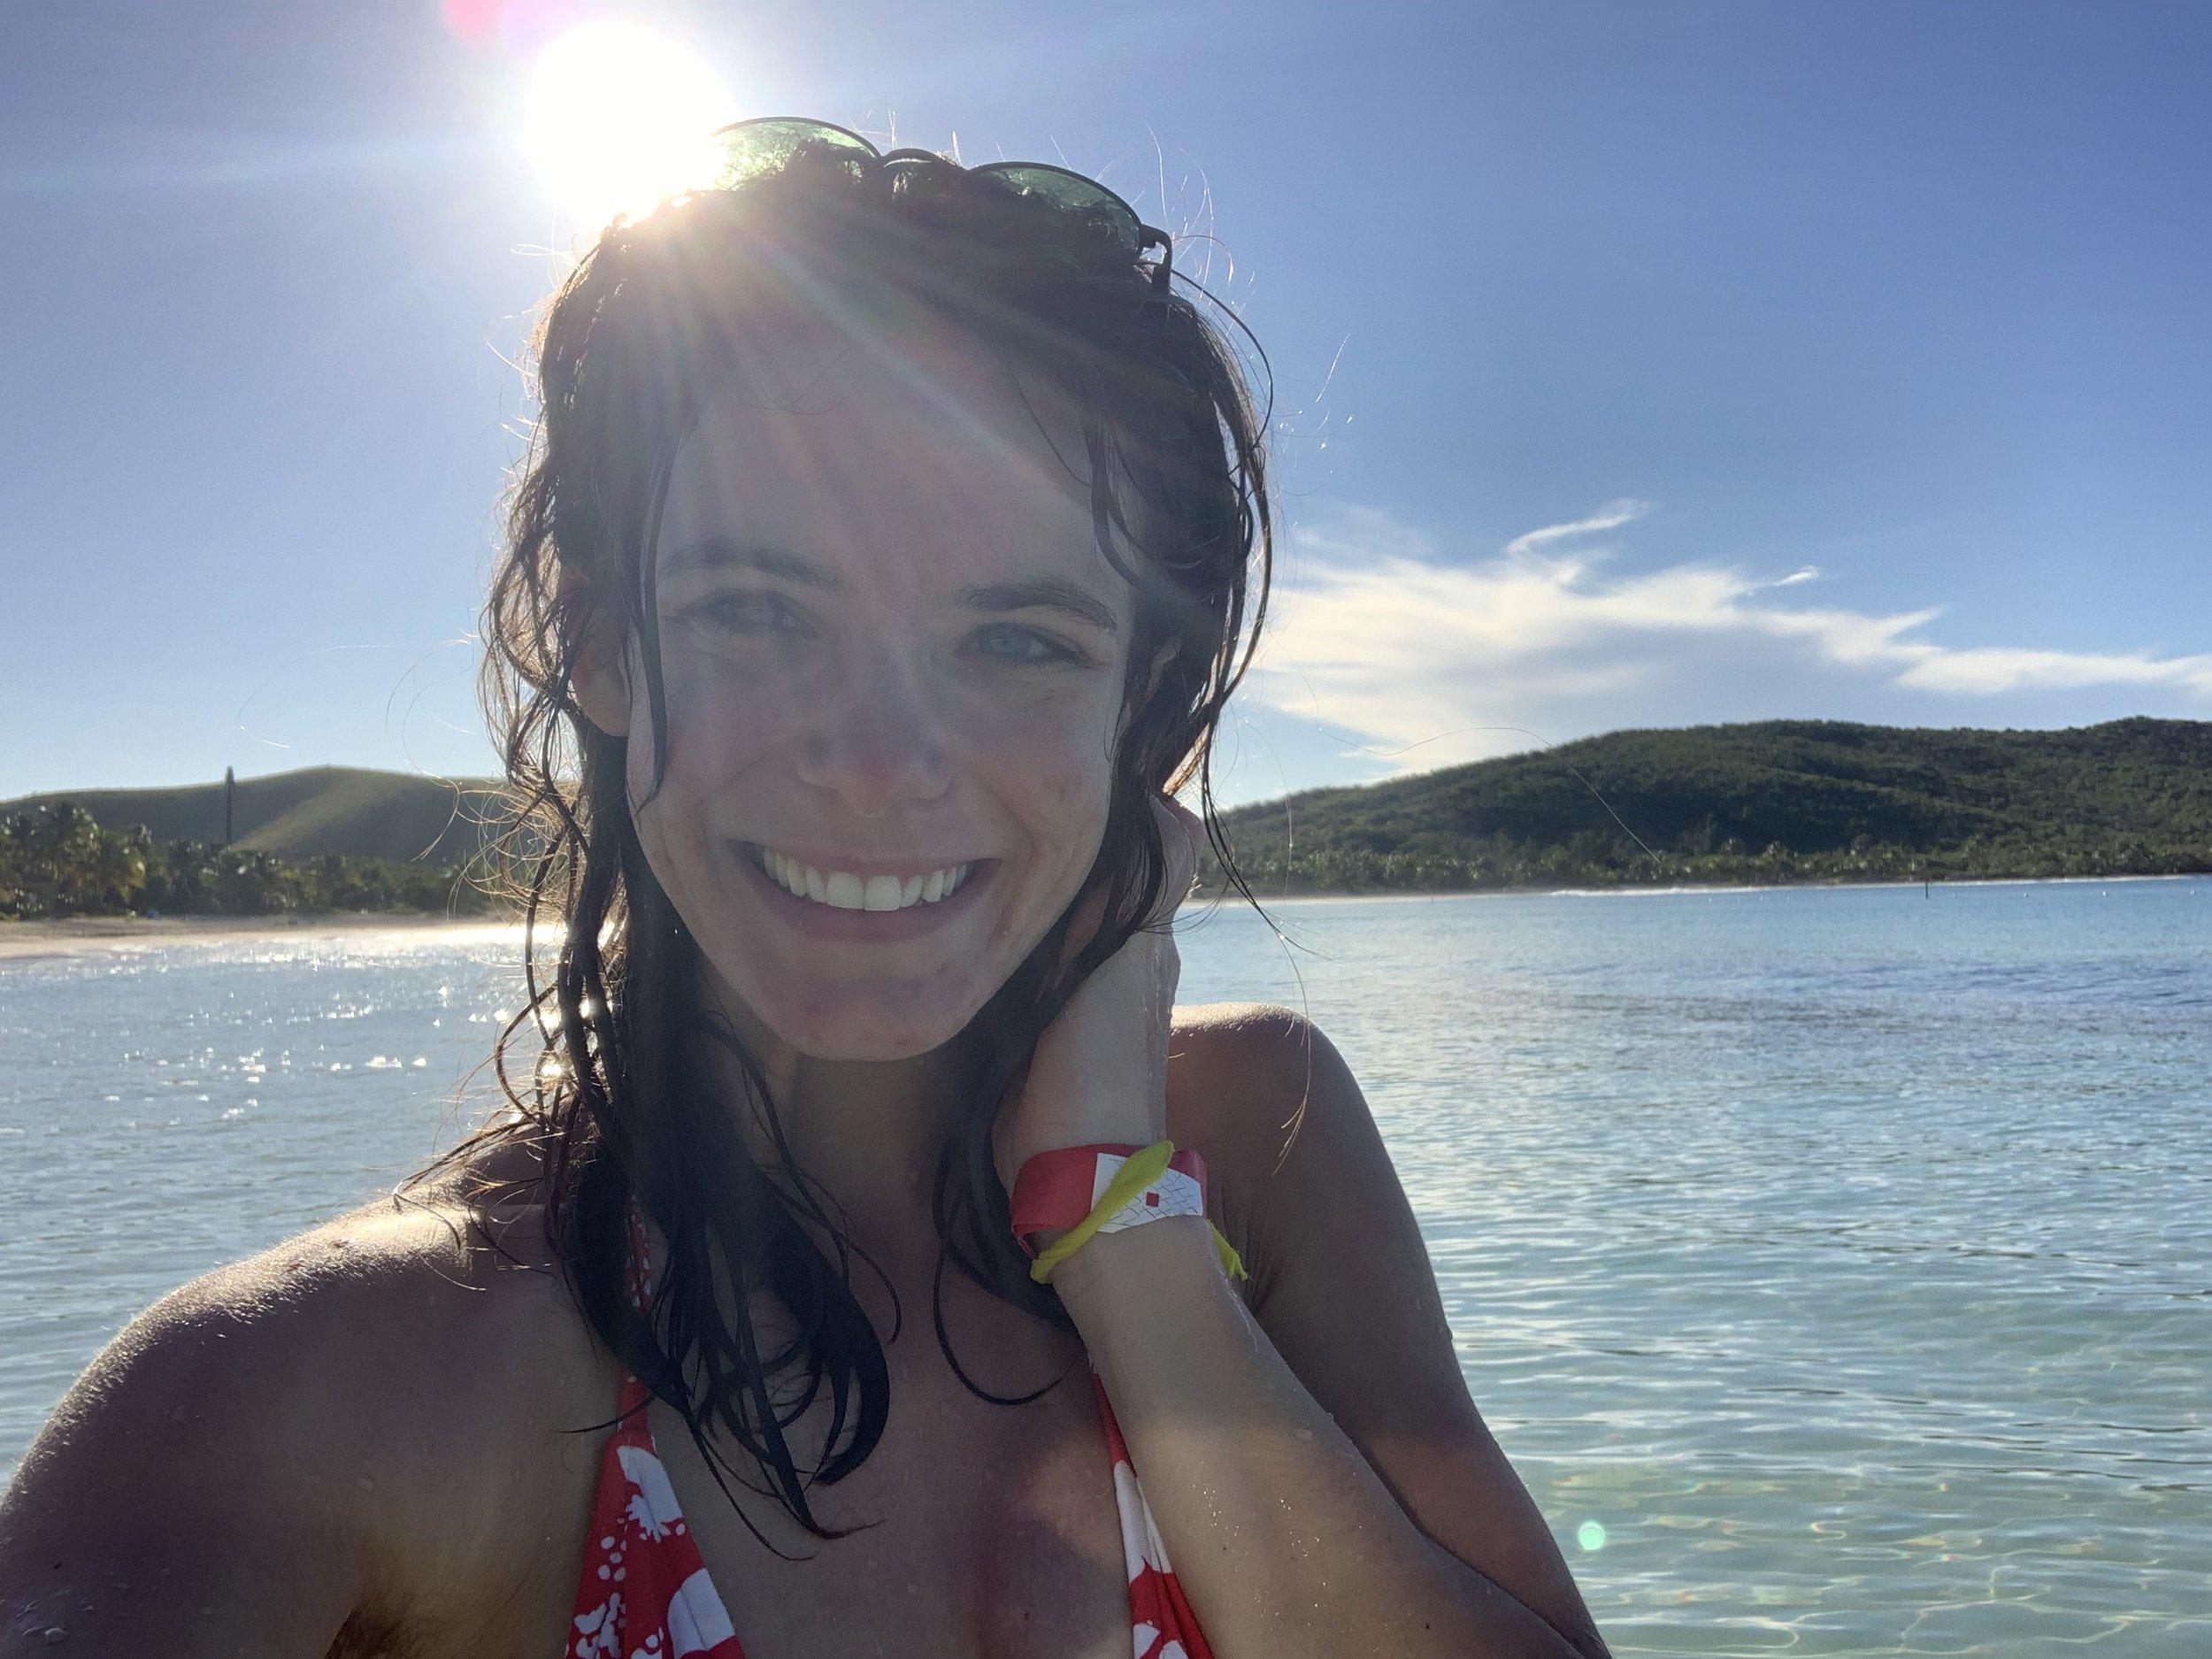 Selfie at Flamenco Beach, fourth best beach in the world.